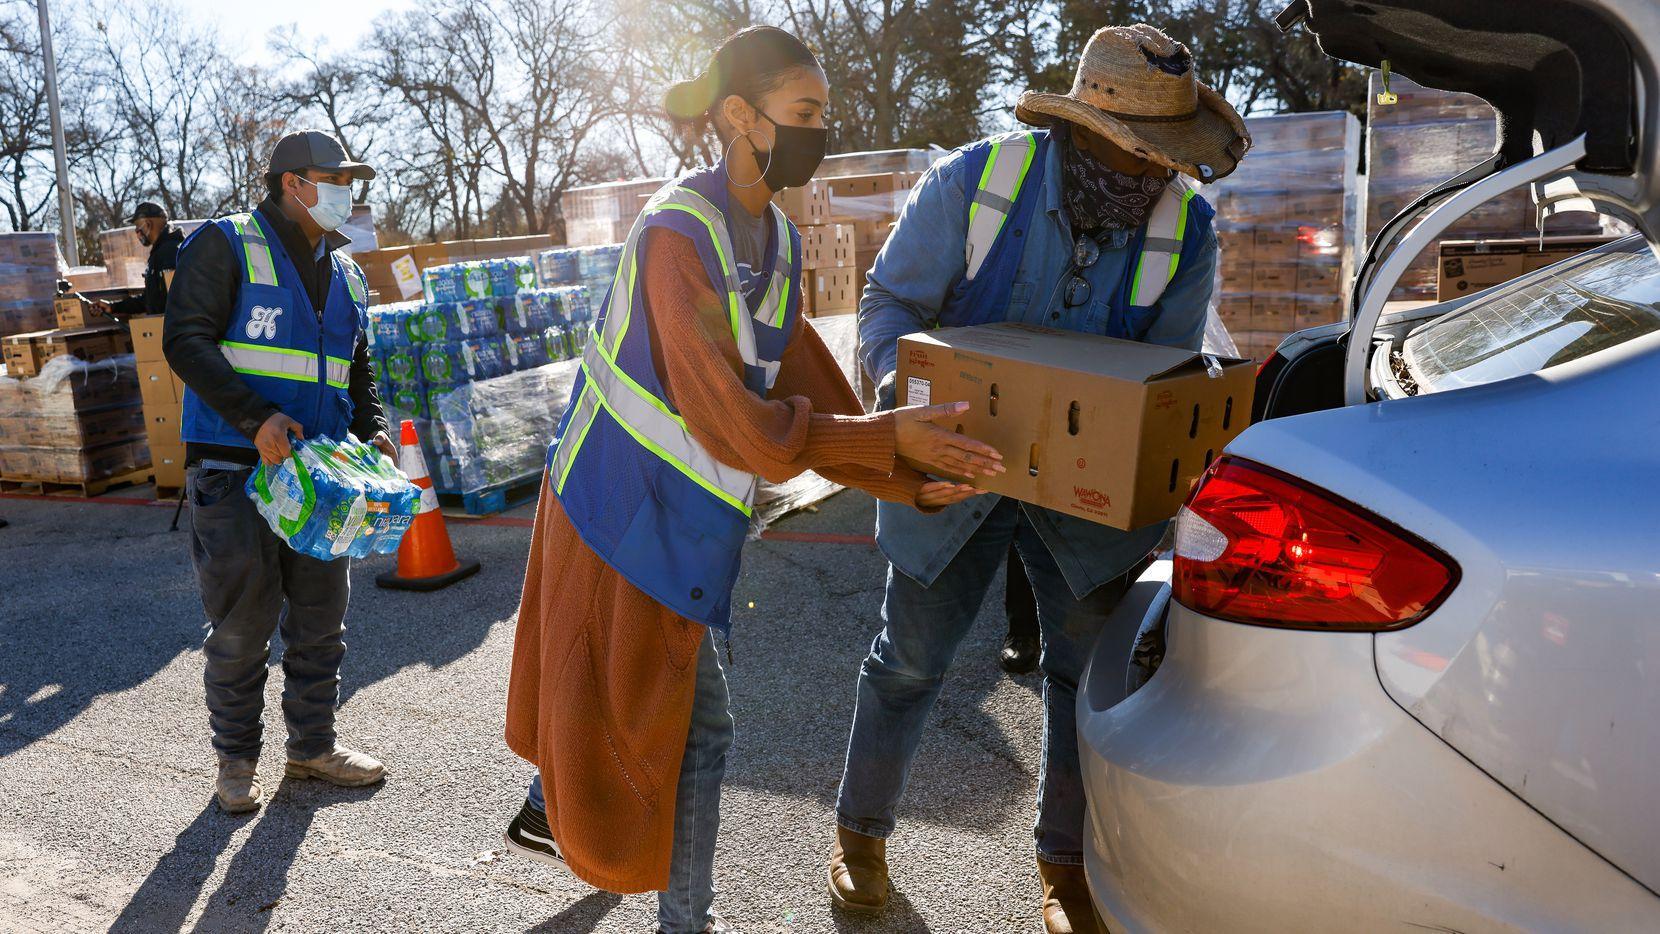 El sábado se realizará una entrega de comida en el campus de Mountain View de Dallas College.